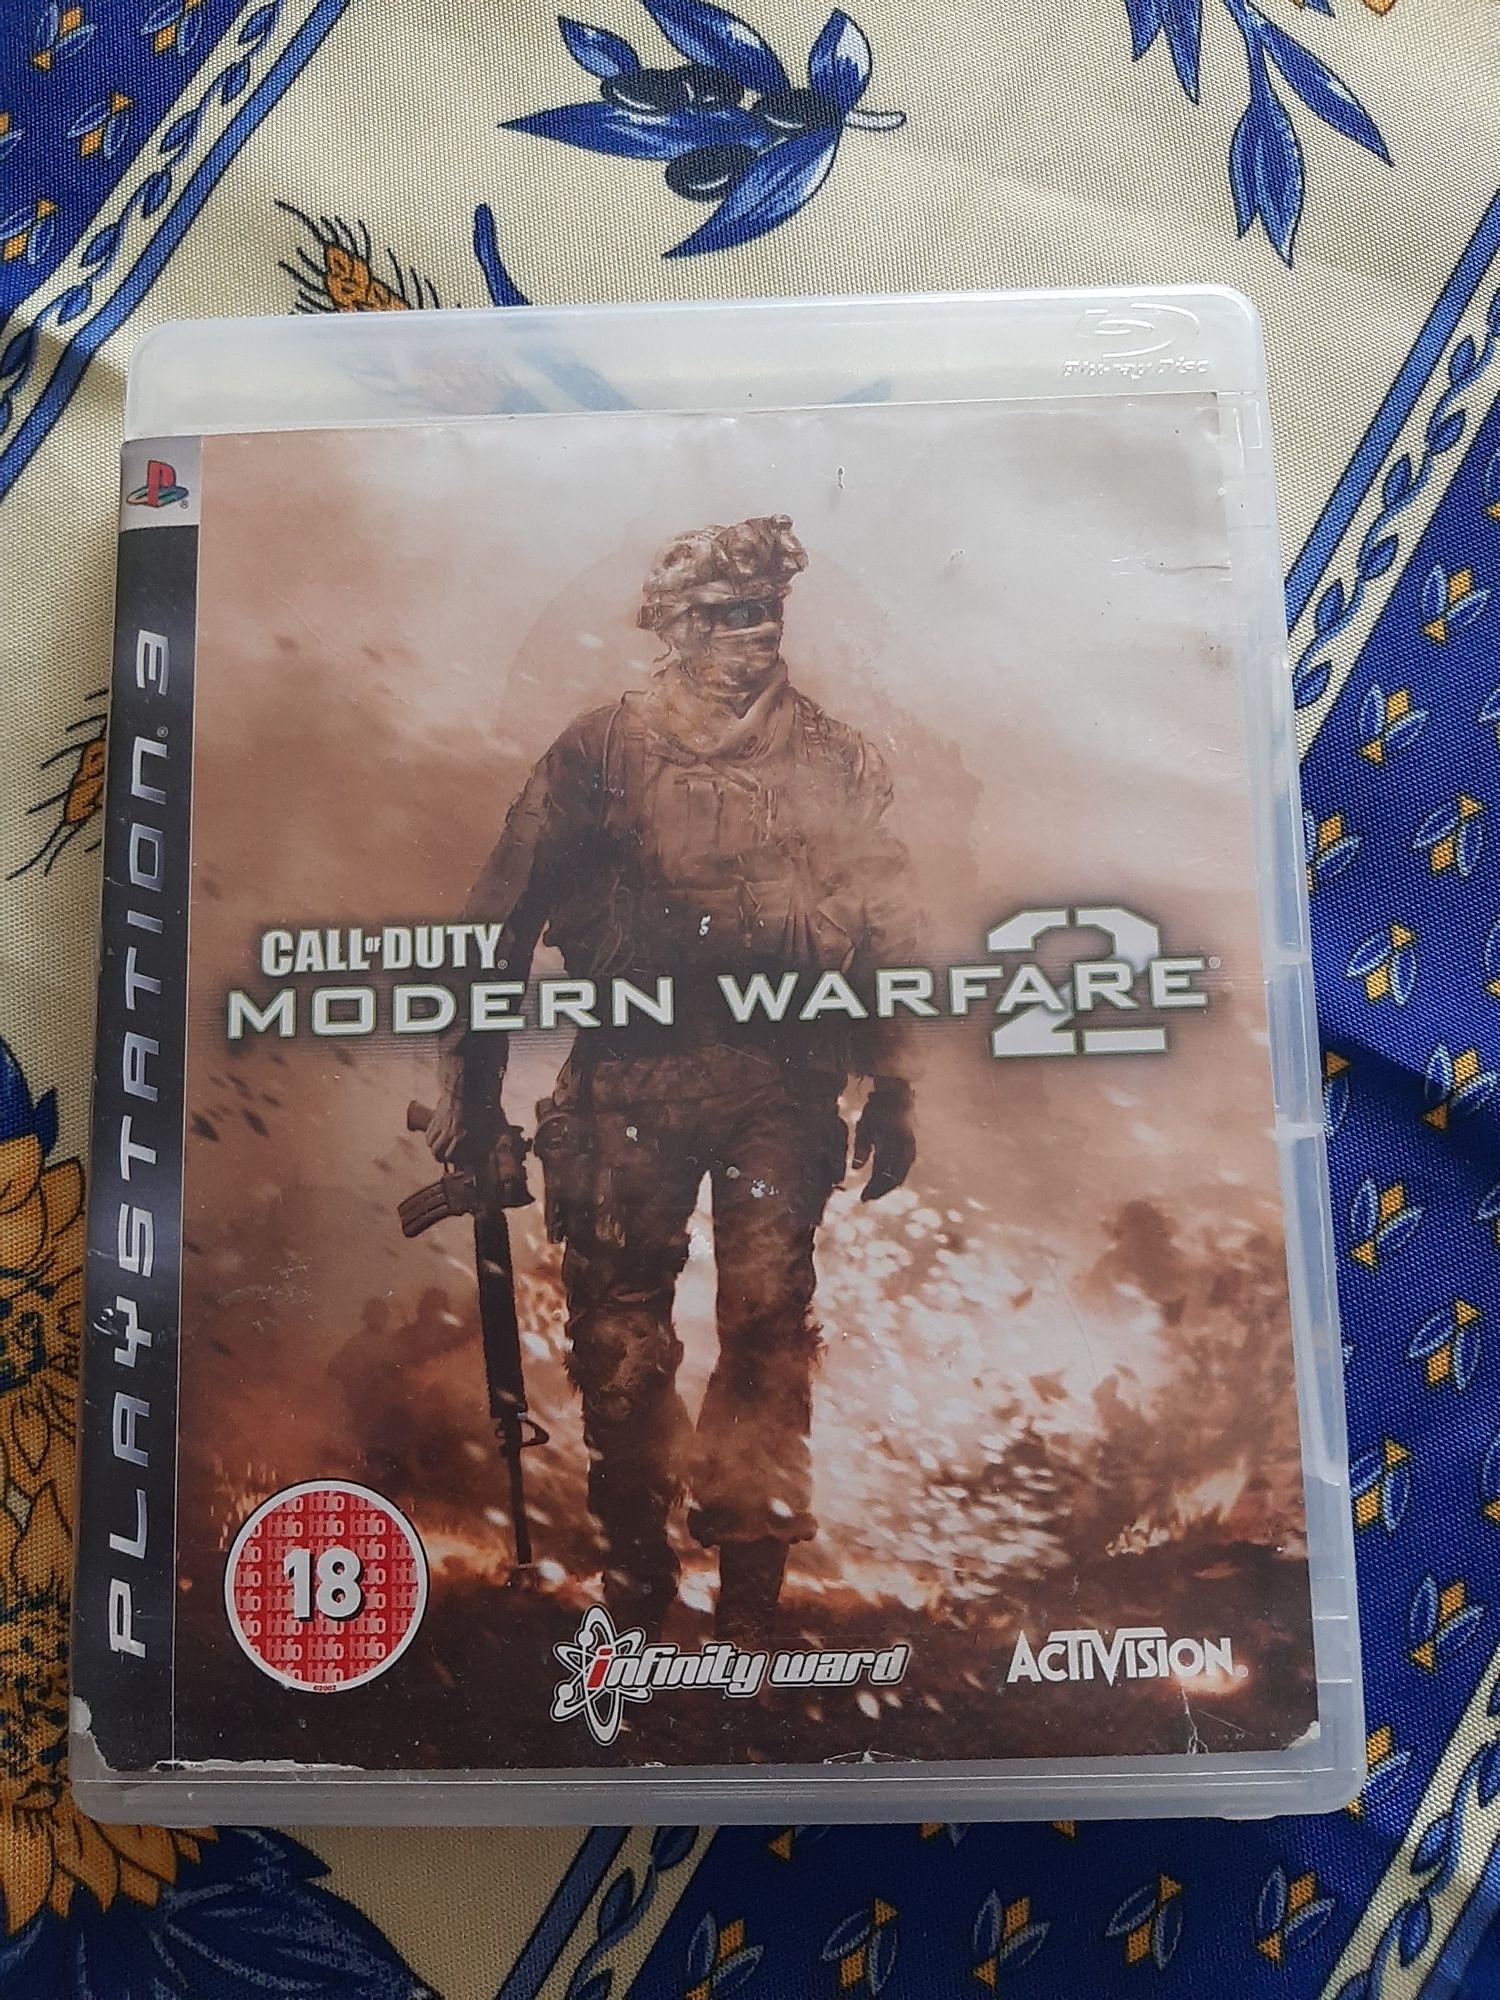 Vand sau schimb Joc Call of Duty Modern Warfare 2 PS3